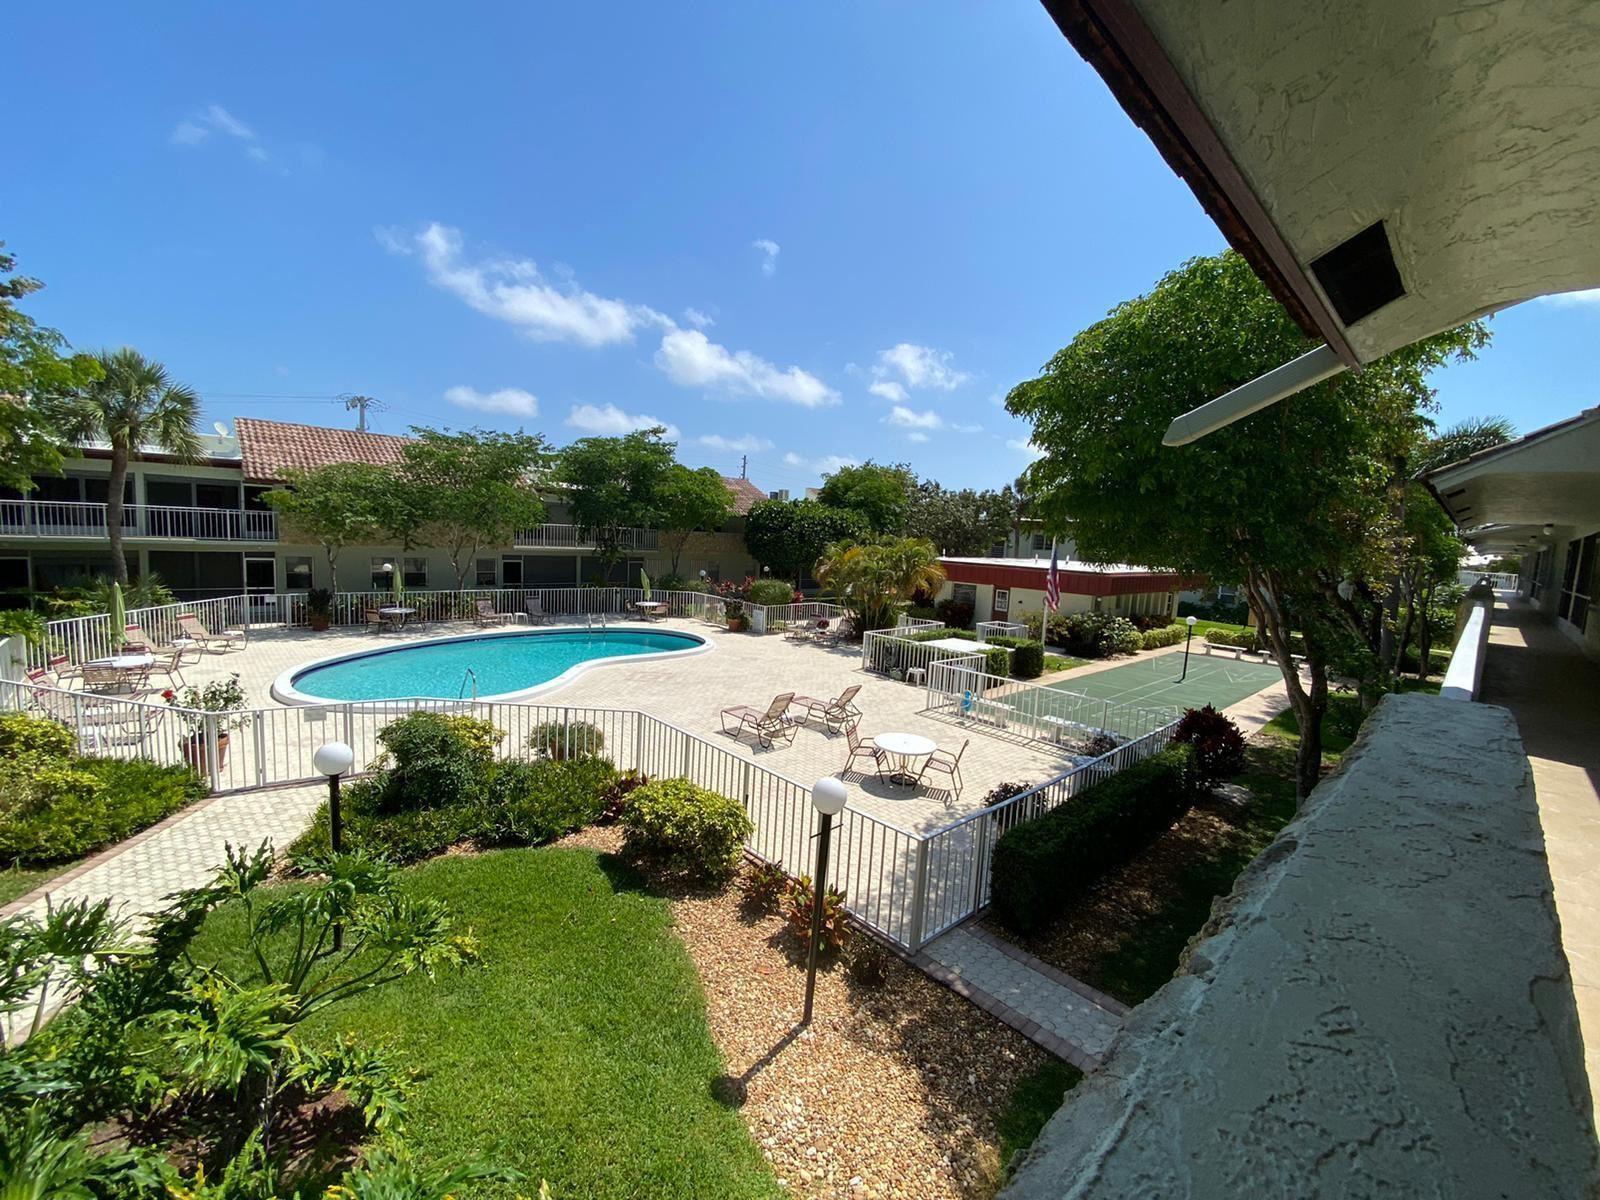 860 SE 6th Street #406, Deerfield Beach, FL 33441 - MLS#: RX-10723707